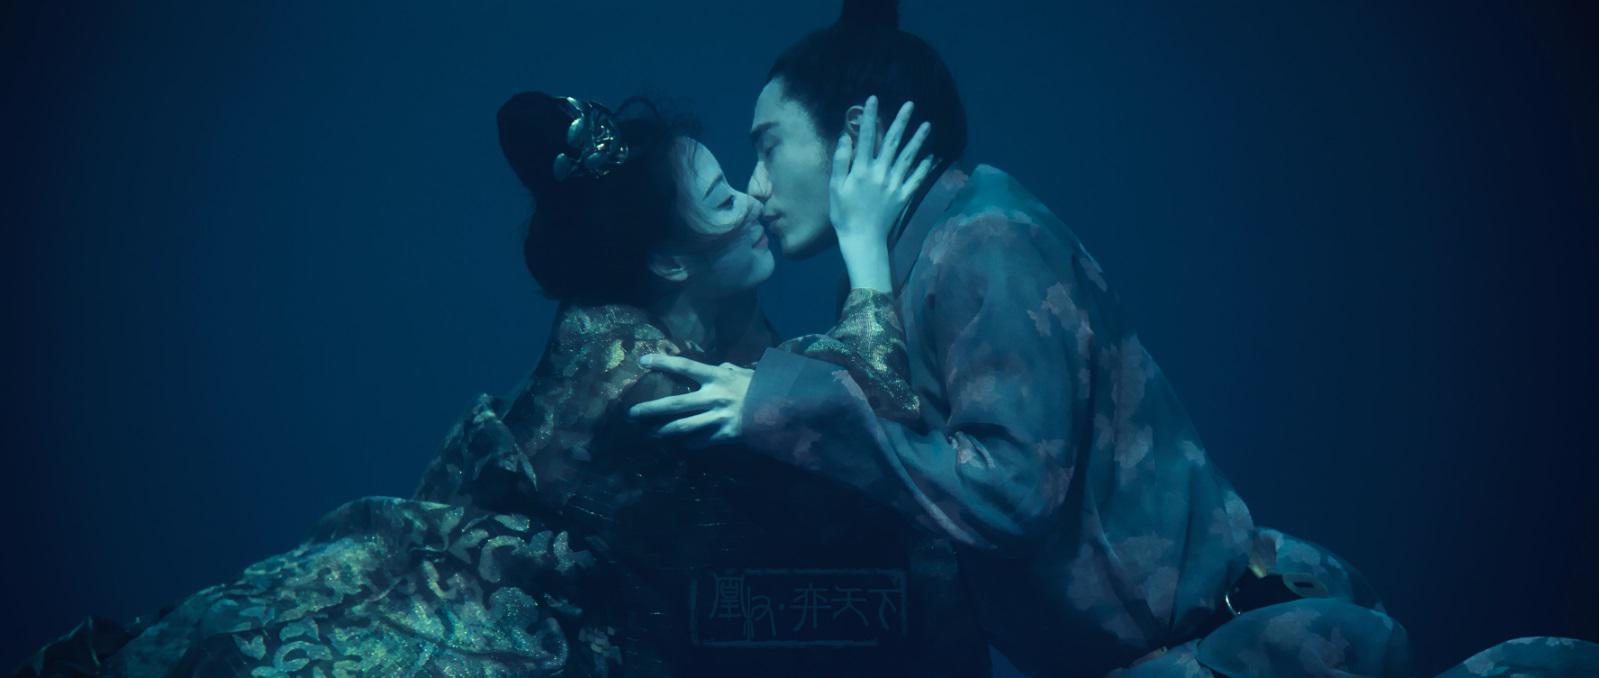 《凰权弈天下》曝水下吻戏 陈坤倪妮忘情拥吻